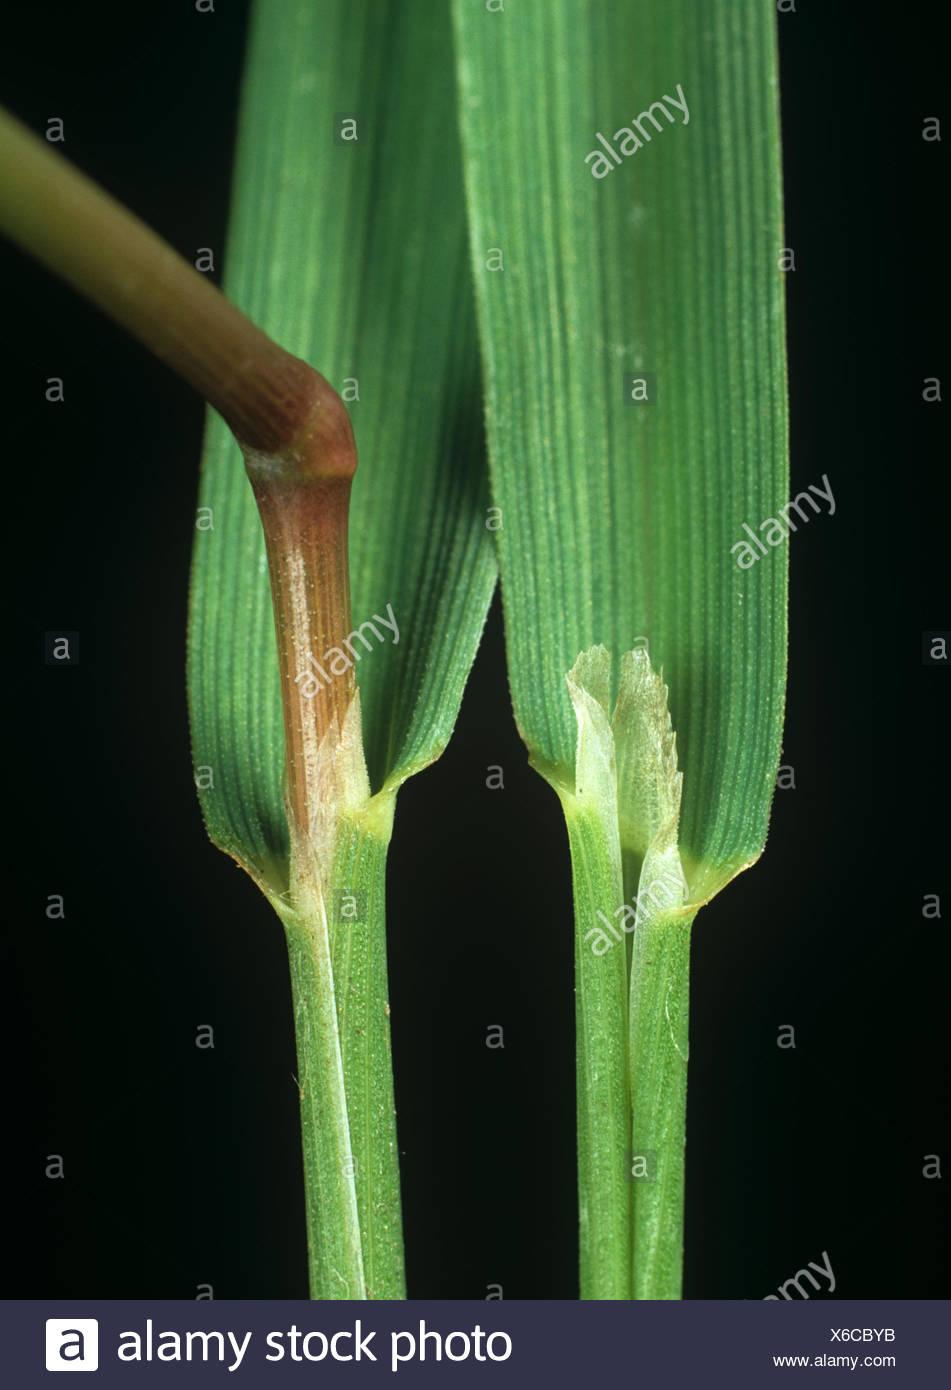 Black bent or redtop, Agrostis gigantea, leaf ligule at the node and leafstalk of an agricultural grass weed - Stock Image